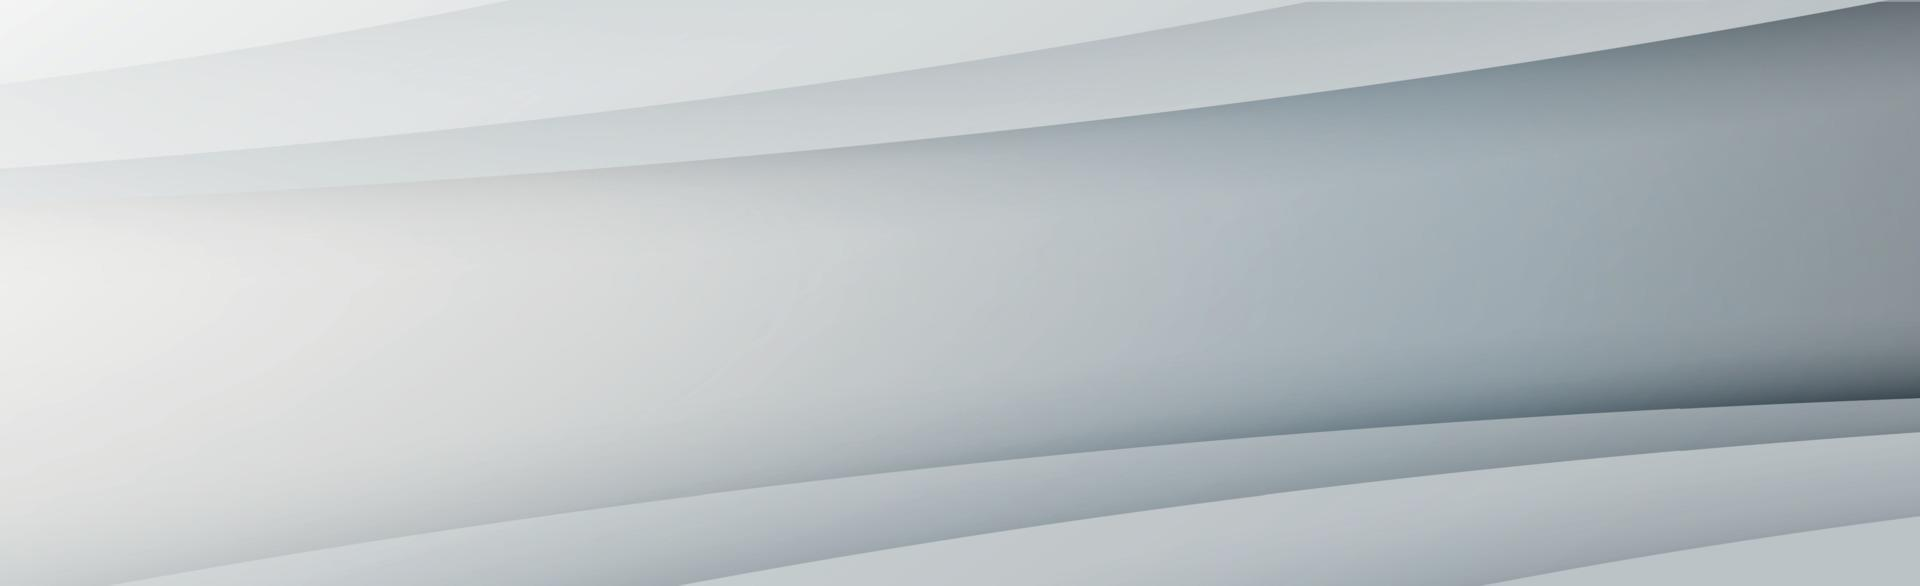 fond panoramique de vecteur blanc avec des lignes ondulées